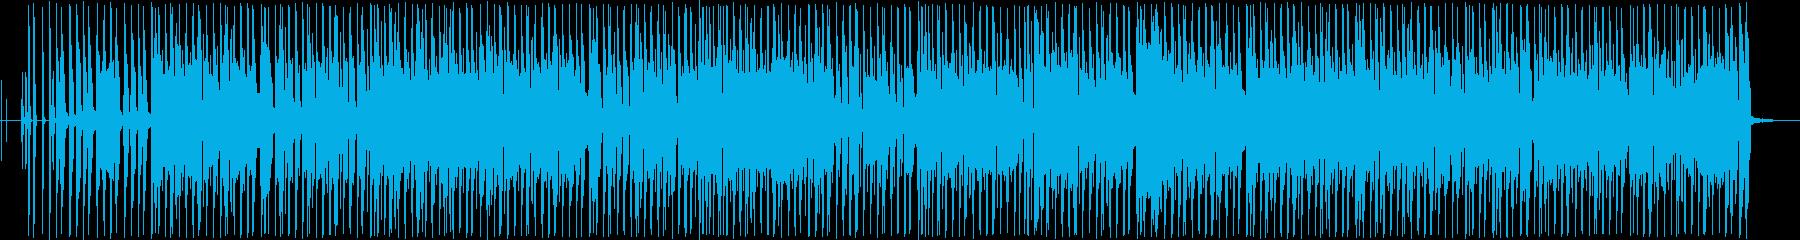 おしゃれなギターポップサウンドの再生済みの波形